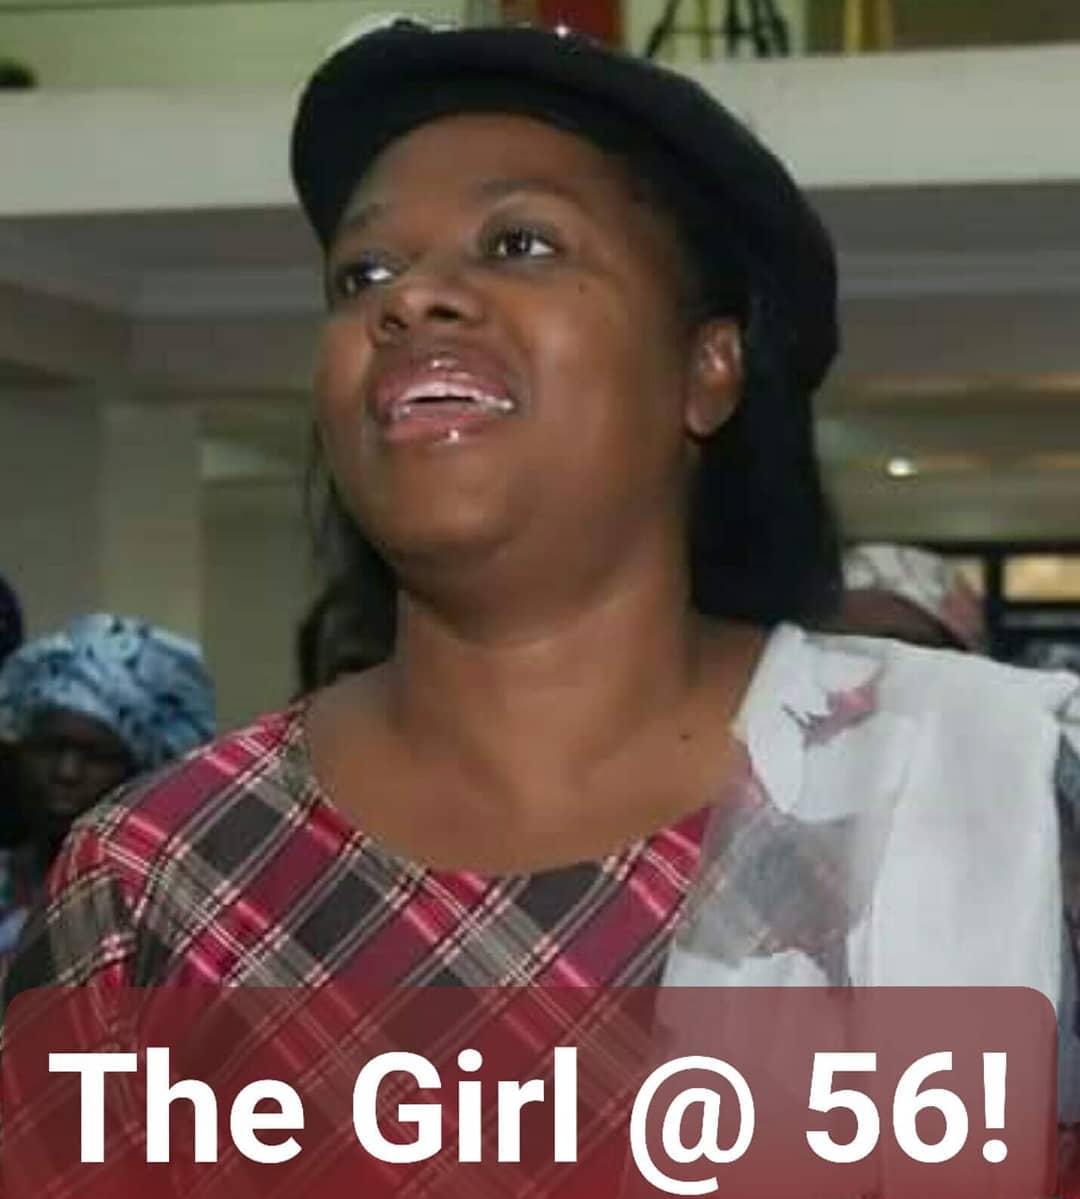 Gloria at 56